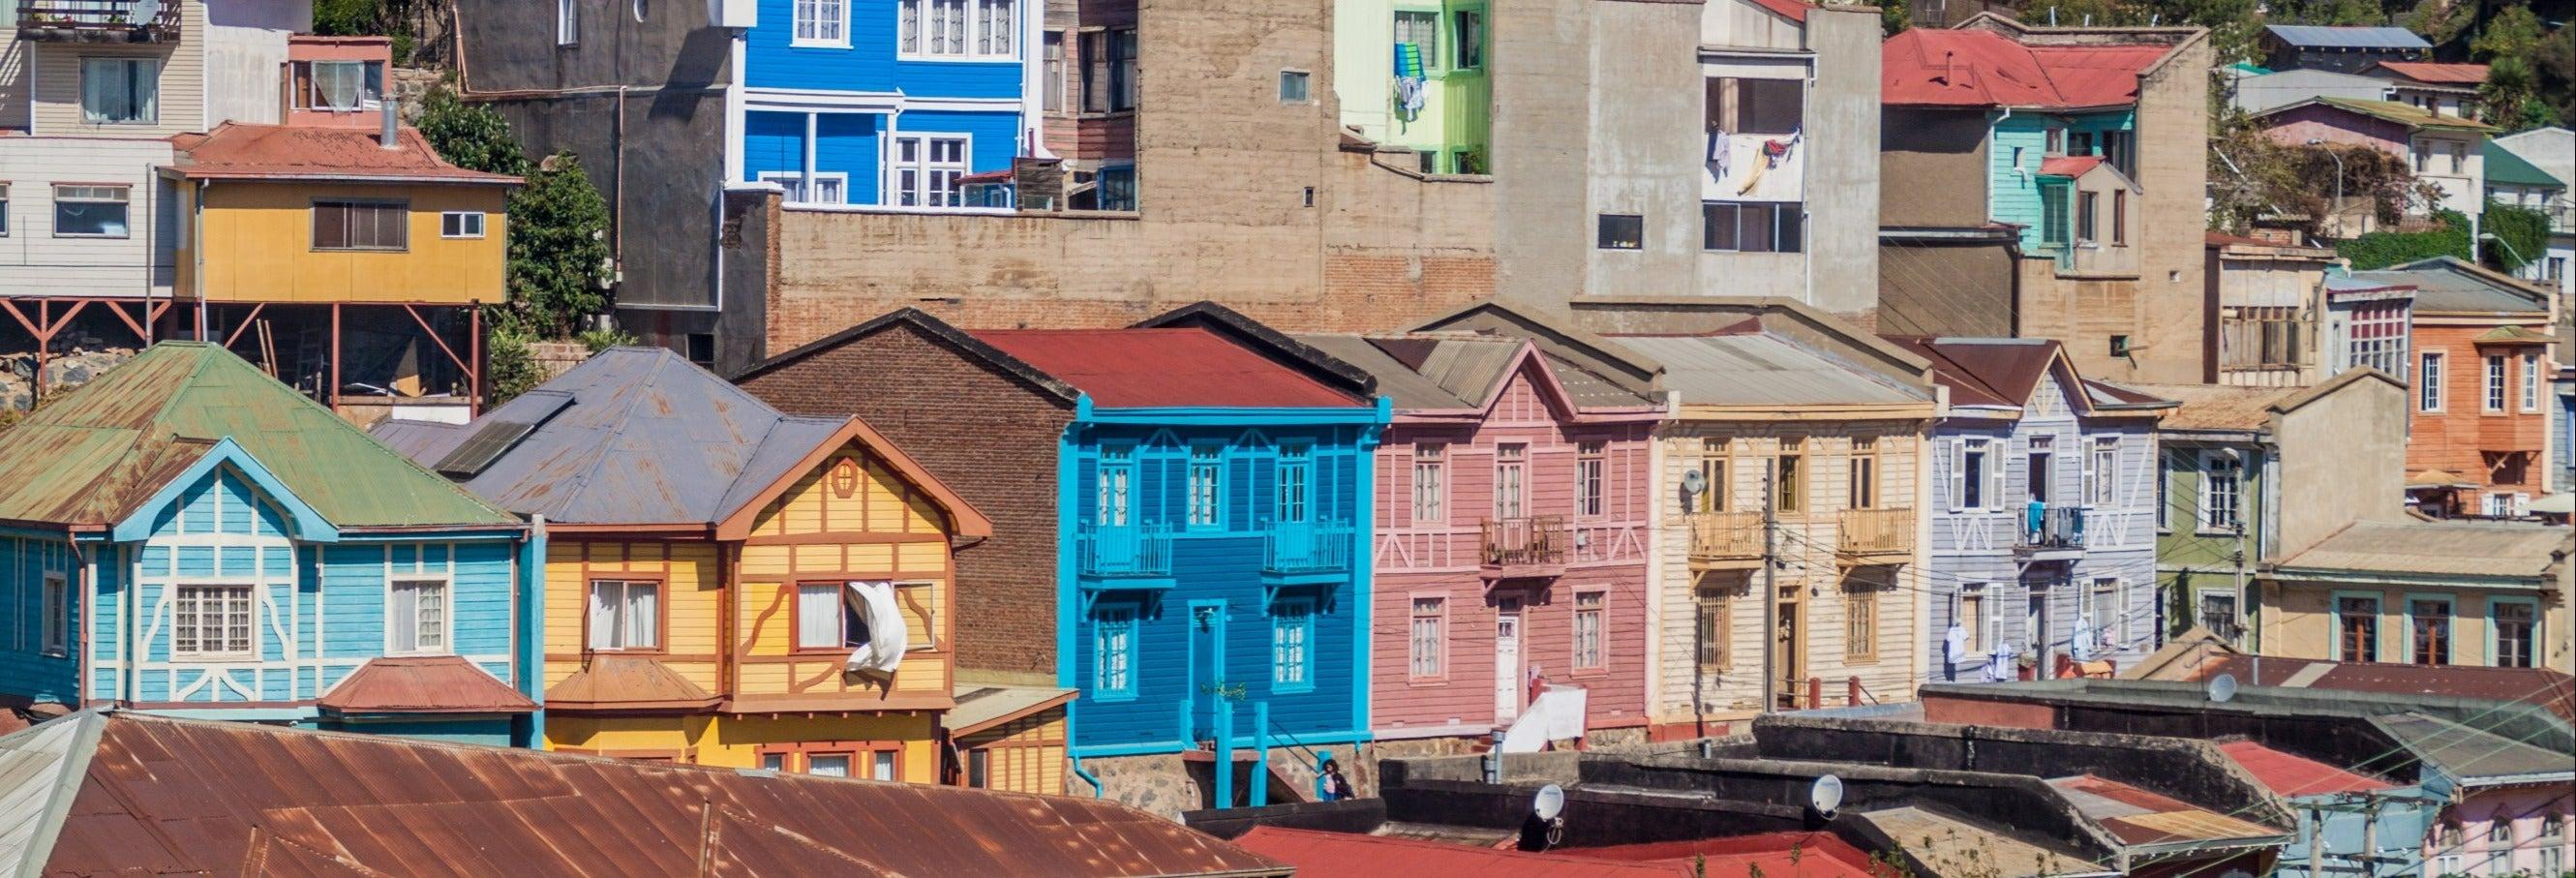 Free Walking Tour of Valparaiso